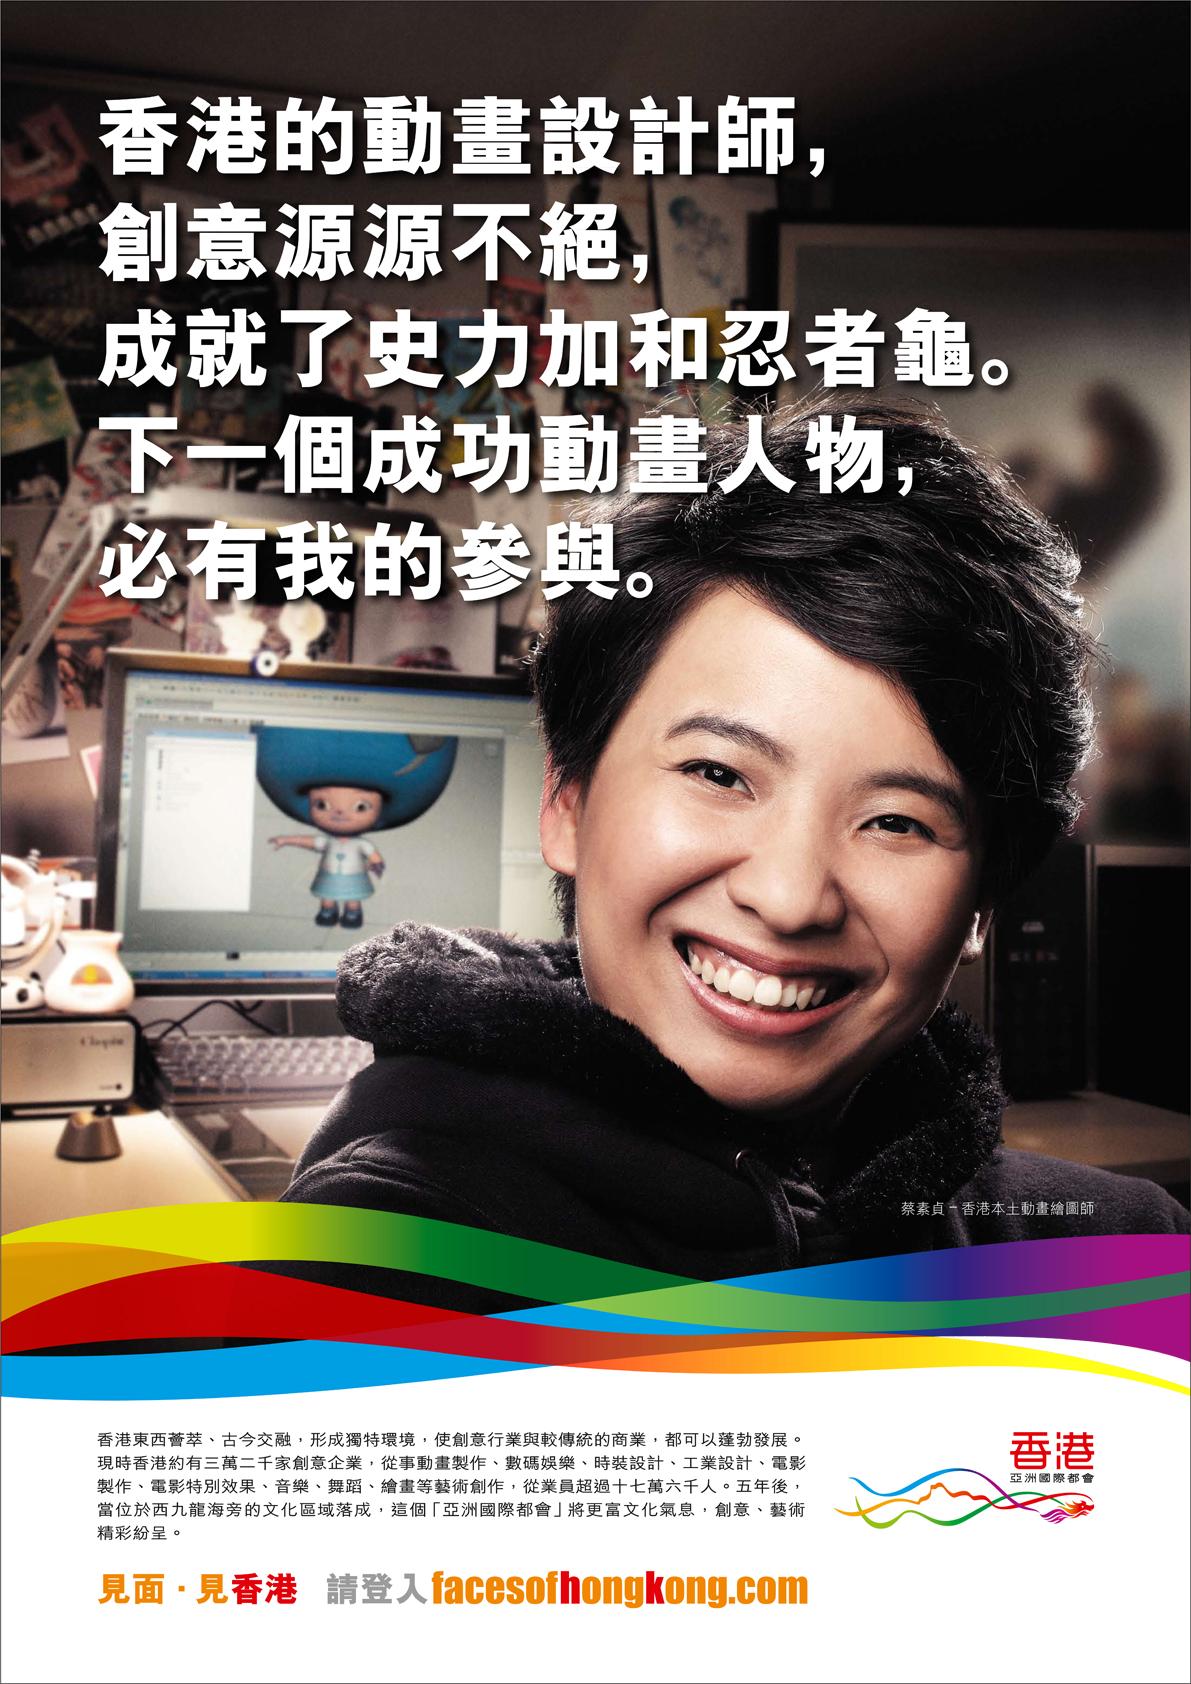 見面 • 見香港 - Agnes Choi